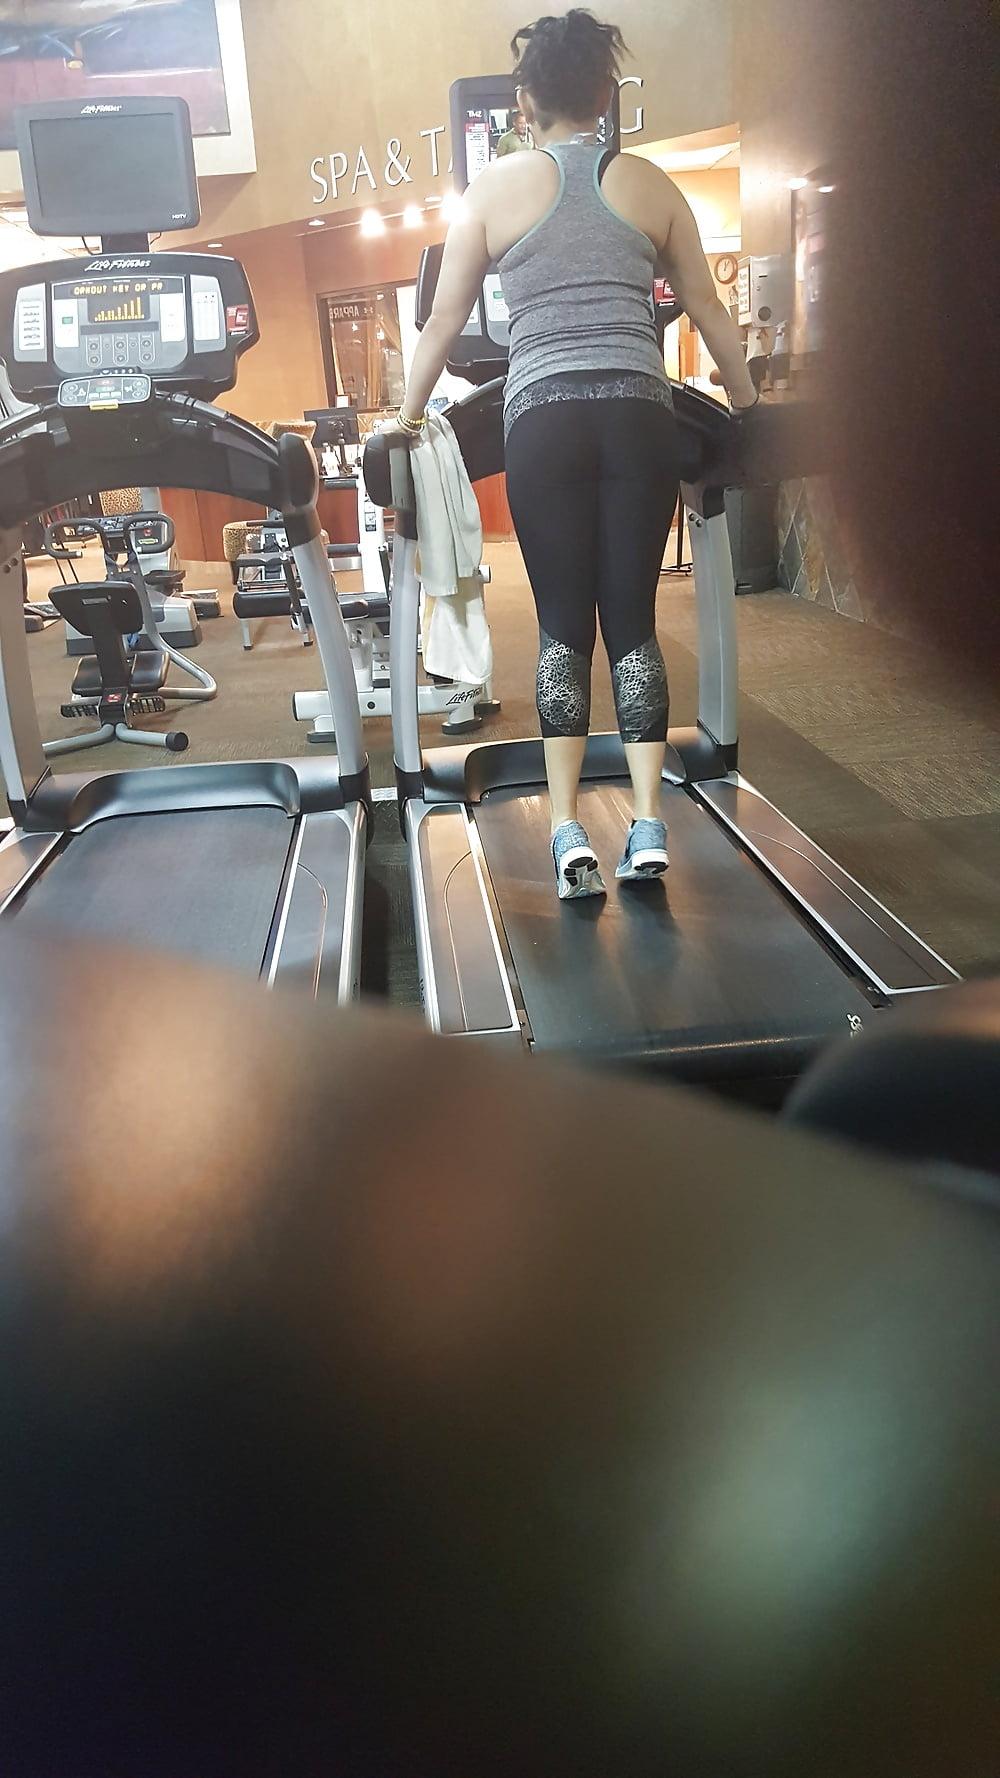 erotica-previews-amateur-gym-gallery